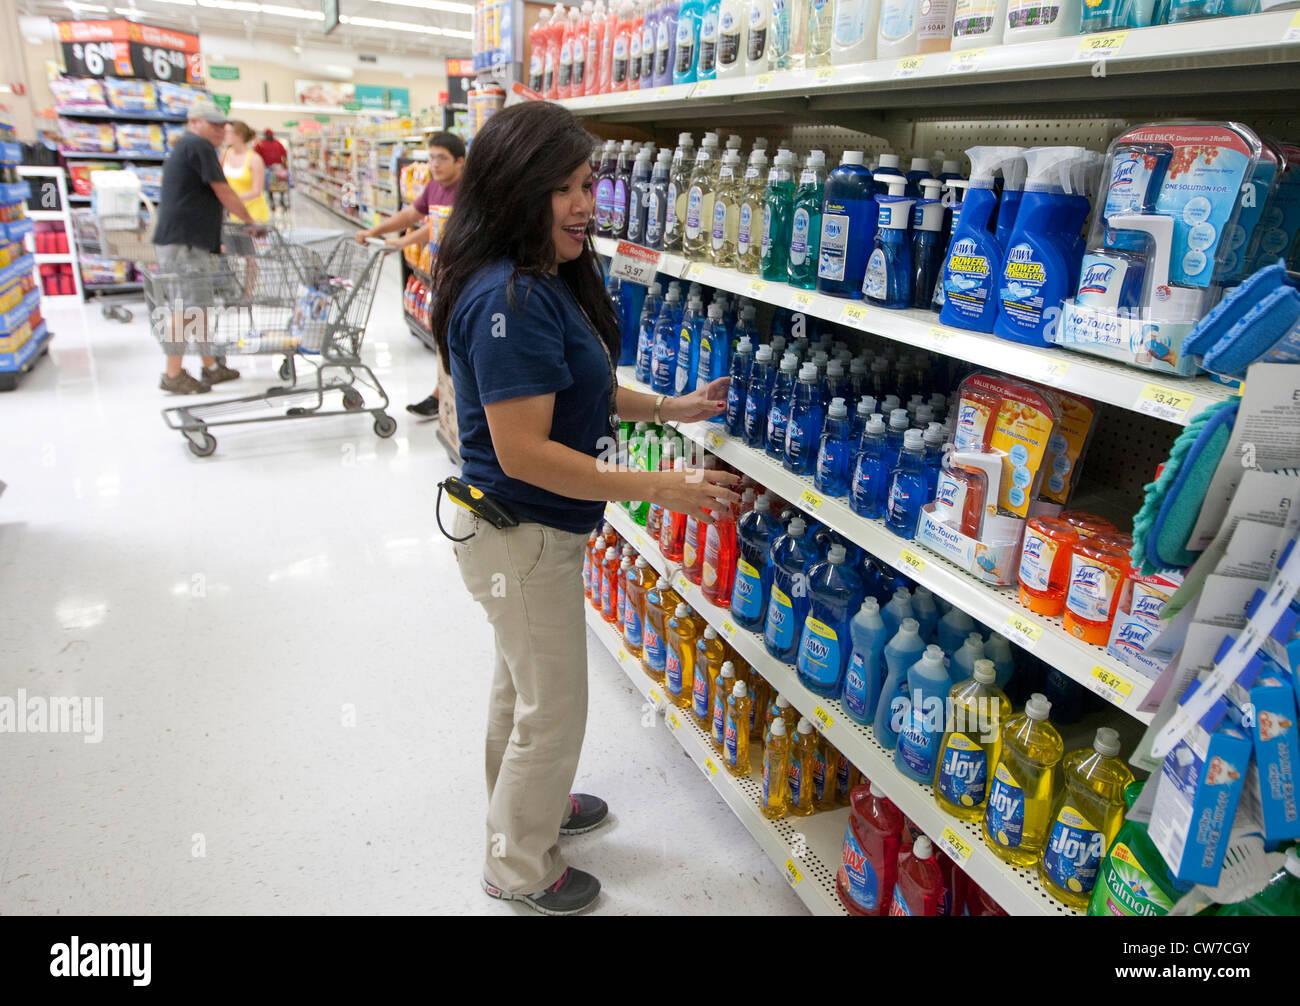 Products On Shelves Imágenes De Stock & Products On Shelves Fotos De ...